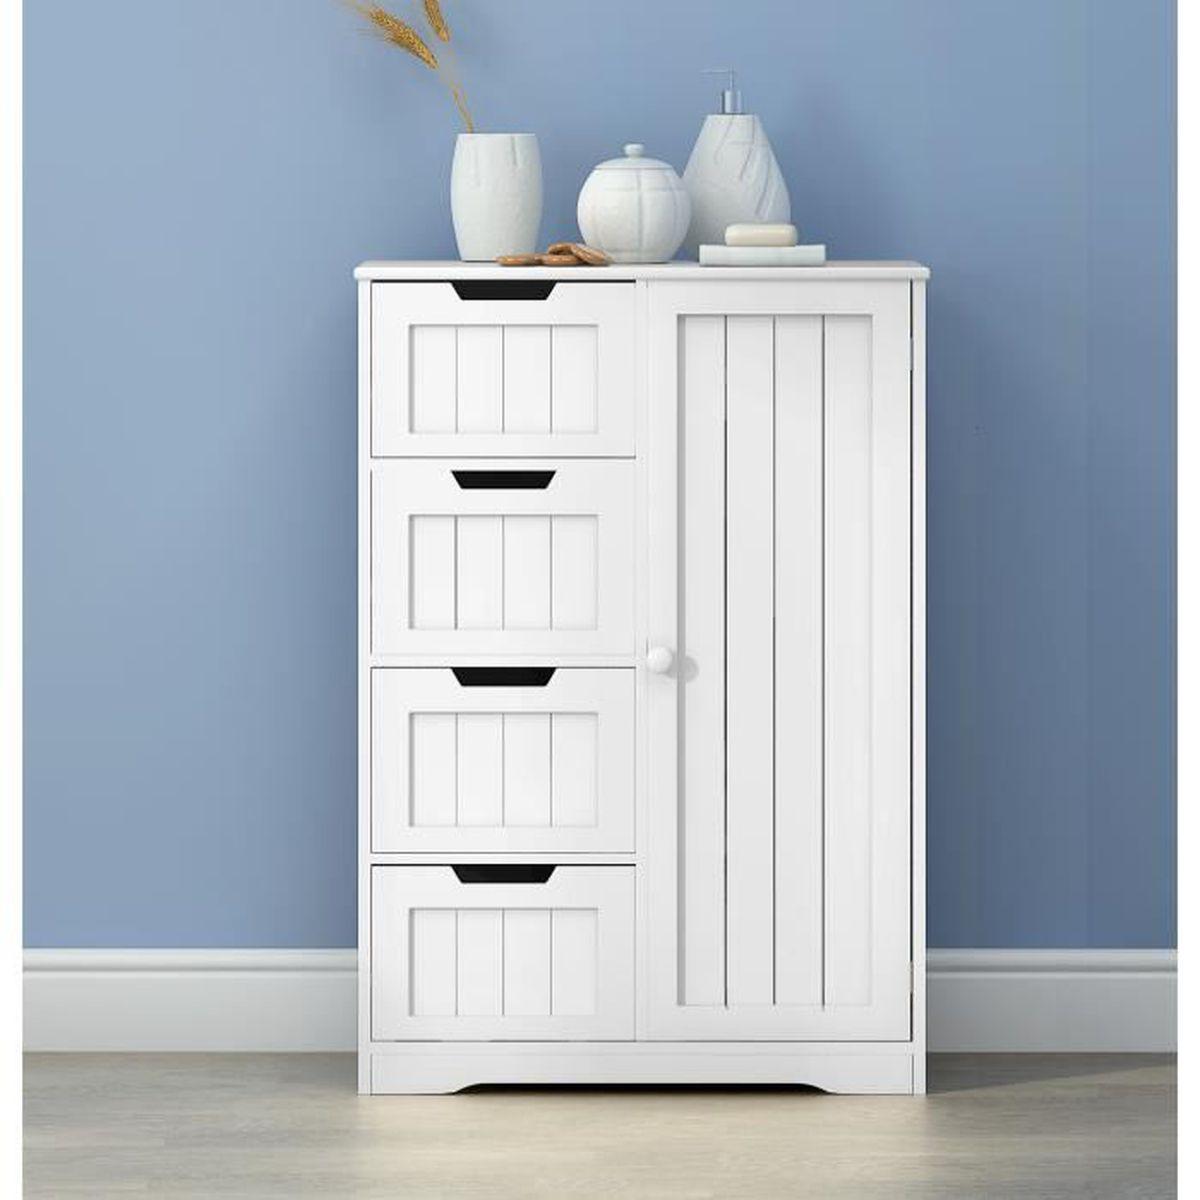 Commode Petite Profondeur 30 Cm commode de meuble de rangement en mdf + bois avec 4 tiroirs + 1 porte sur  salon, chambre, bureau salle de bains, 30 x 60 x 81 cm